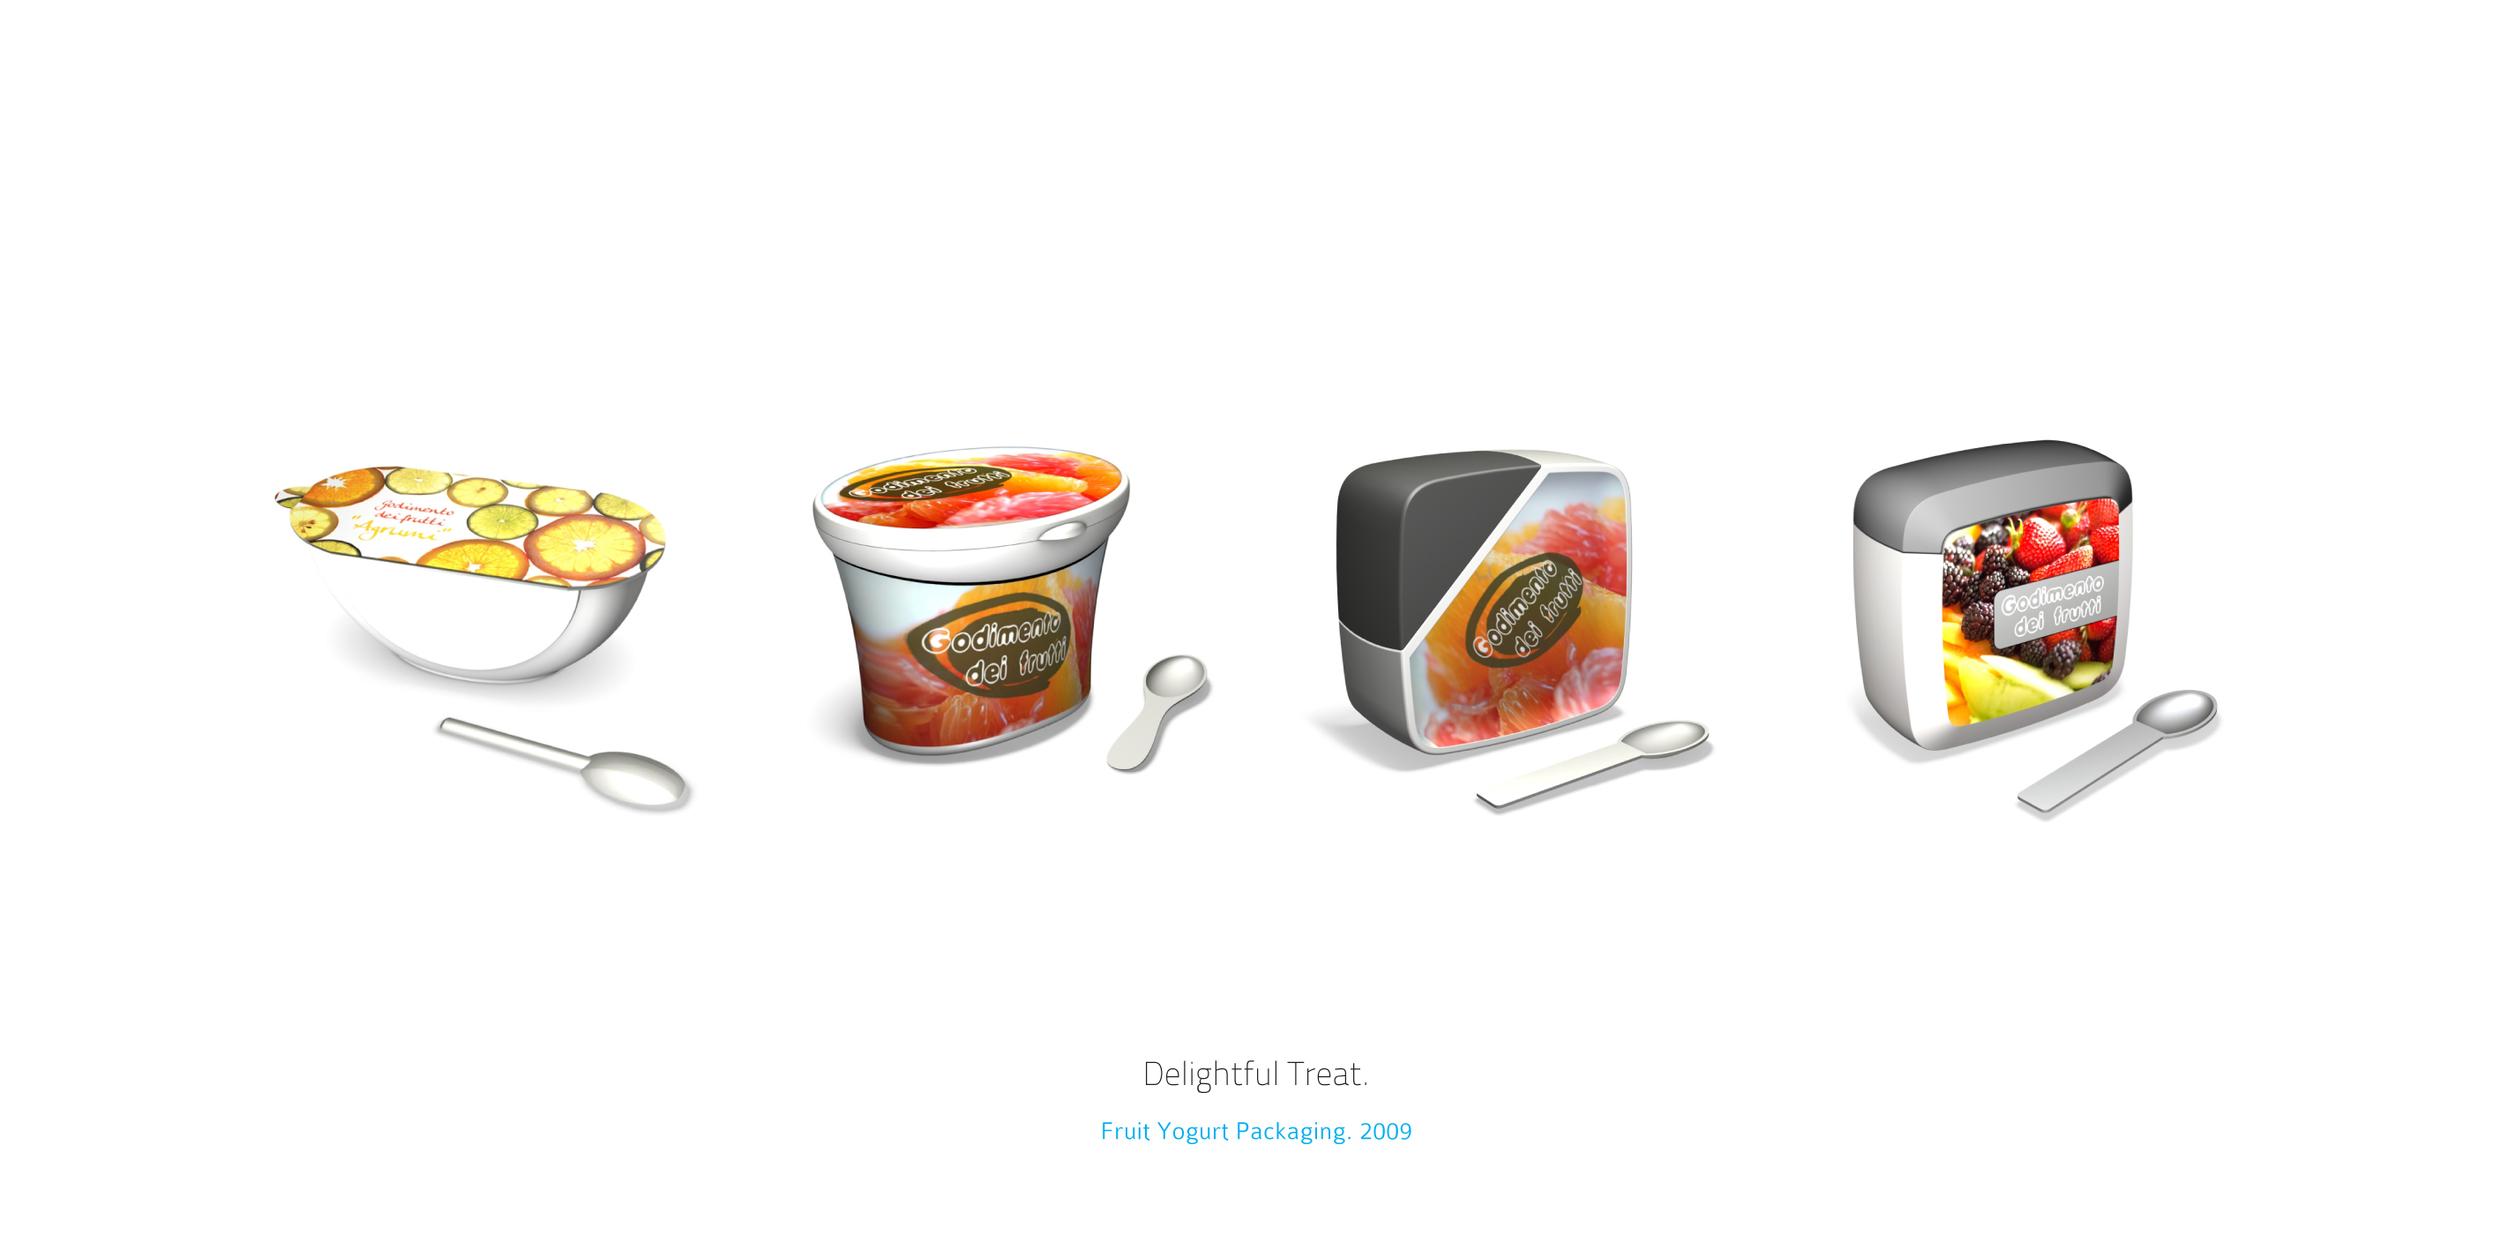 Yopgurt.jpg